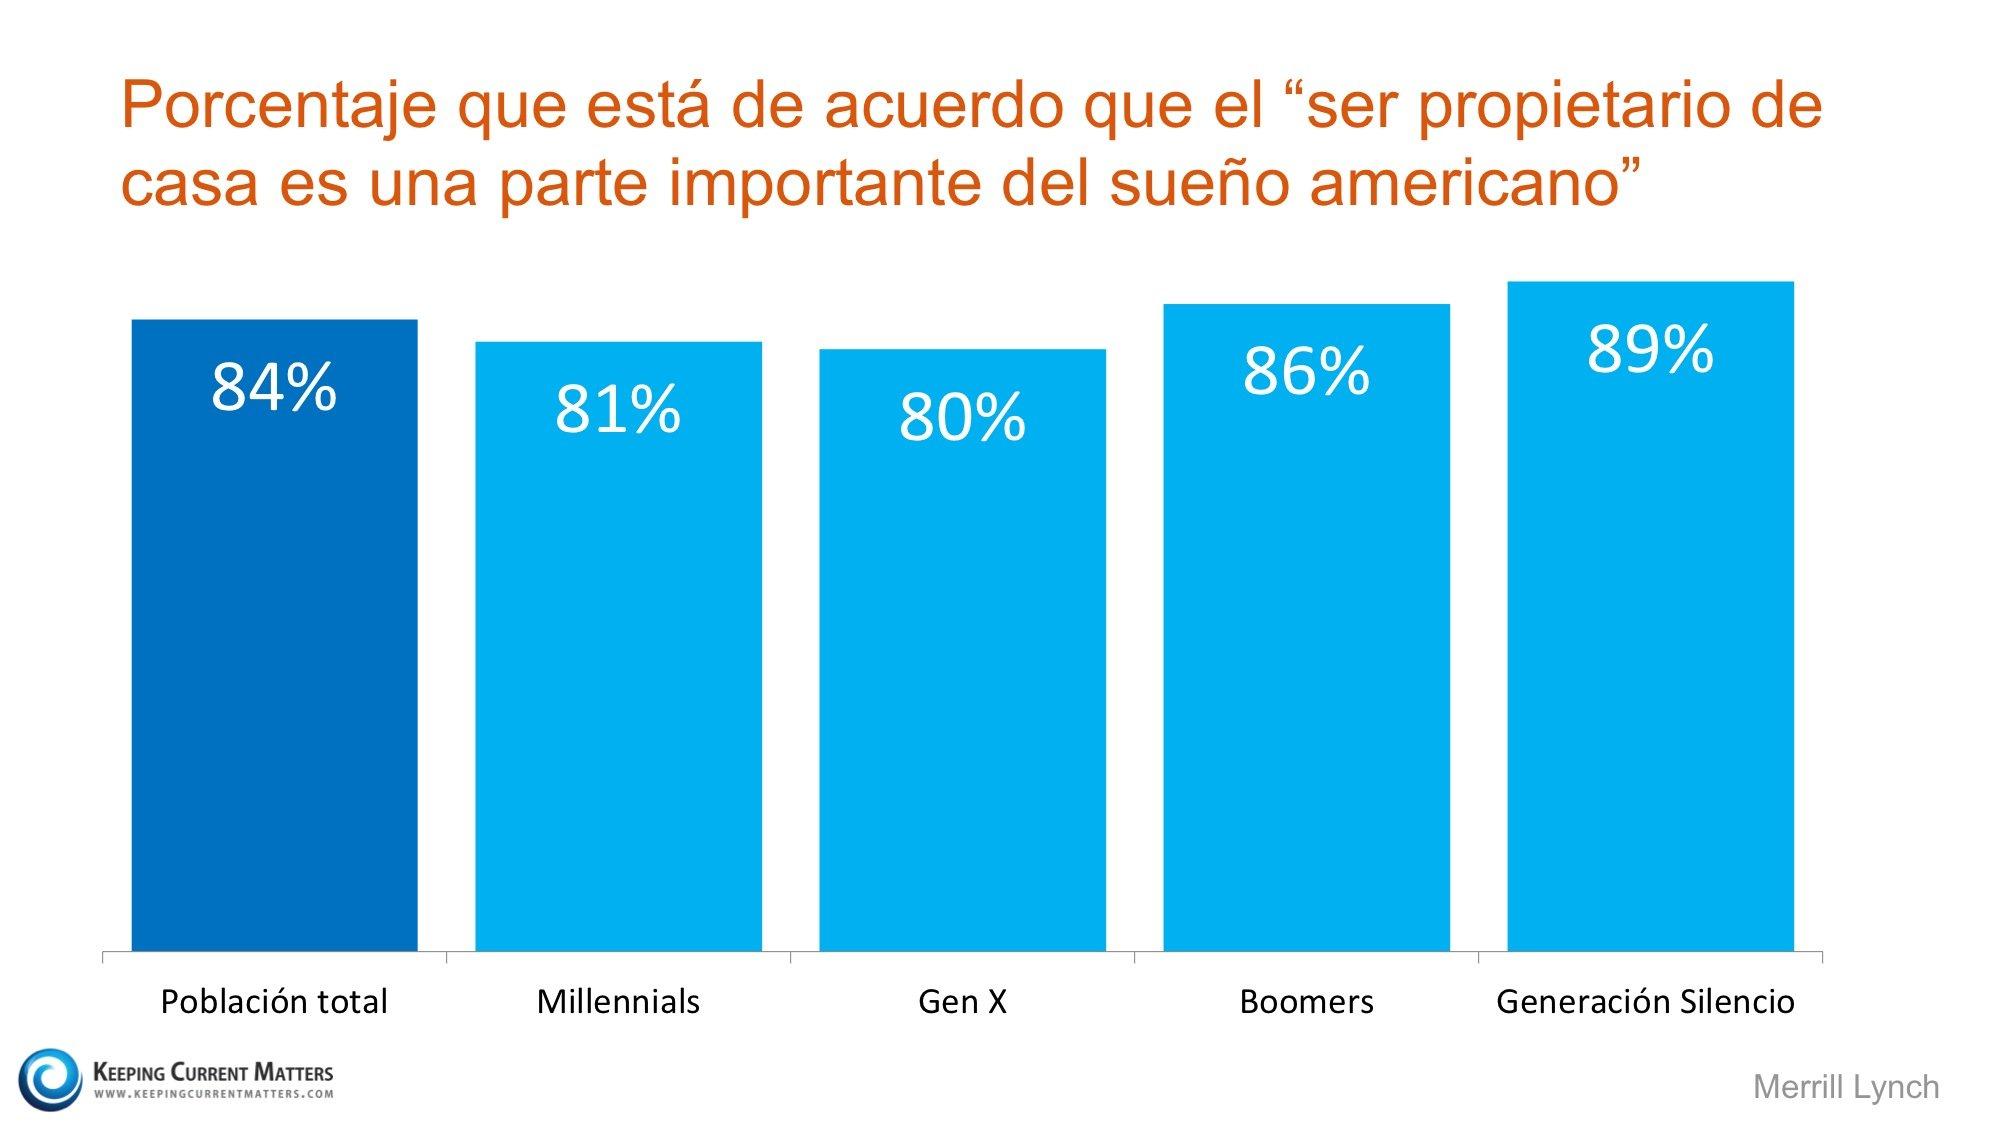 sueño americano por generacion | Keeping Current Matters